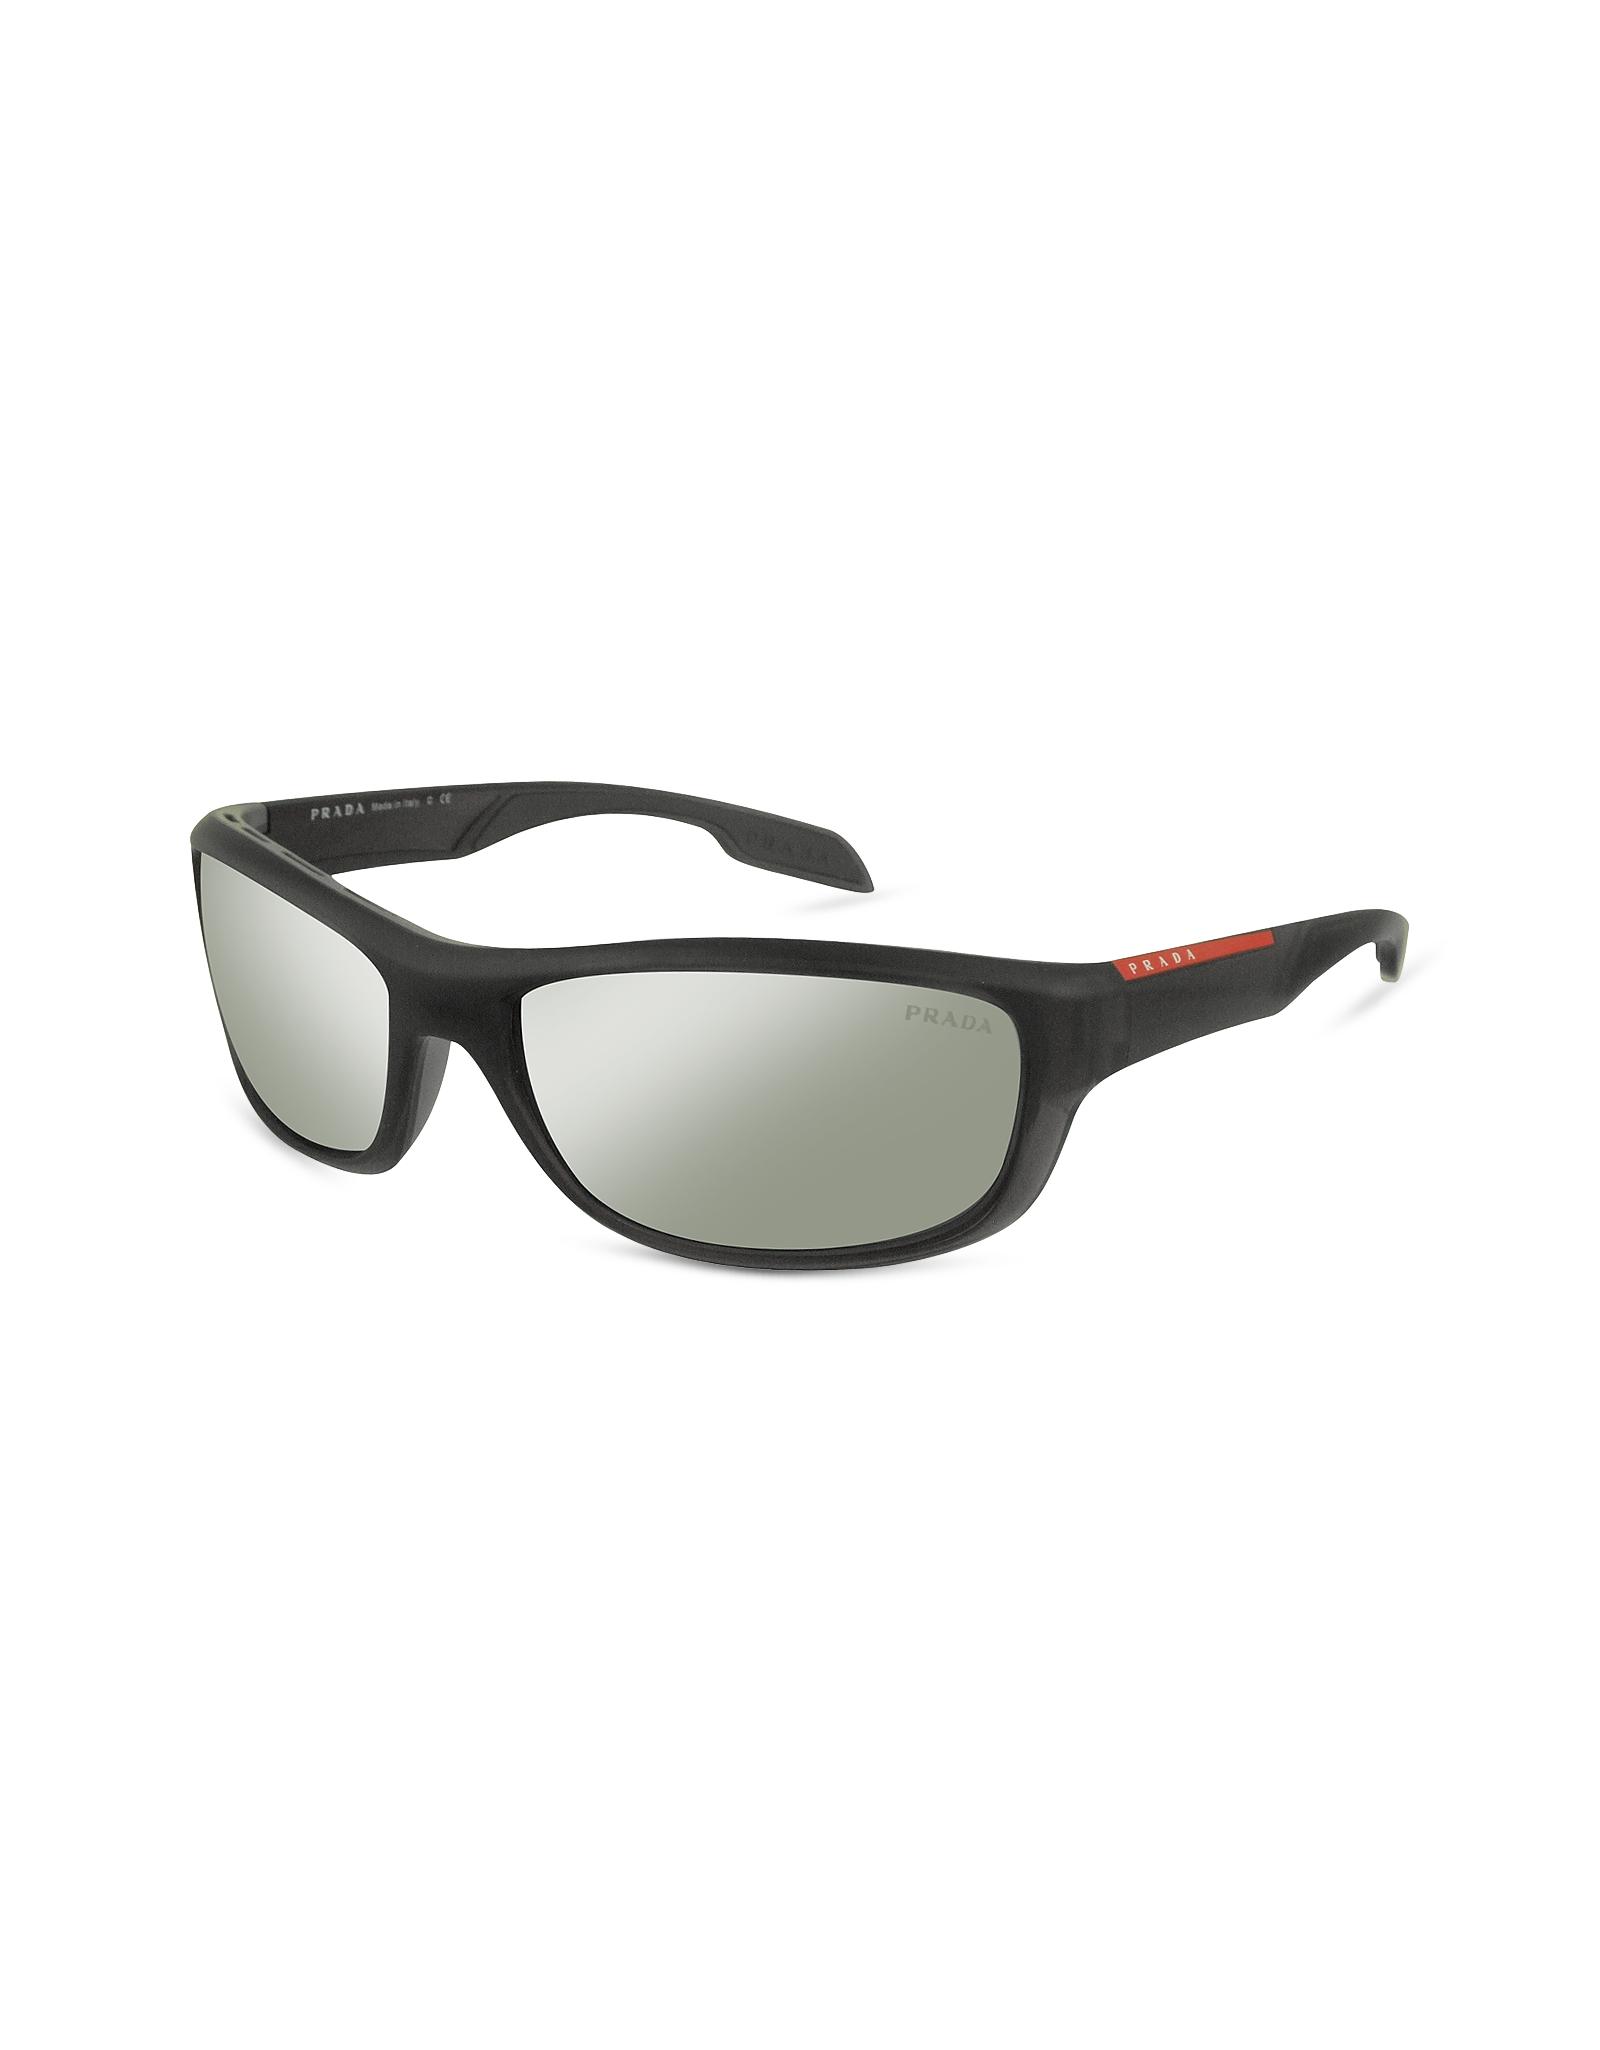 6e1a7b7b8c Lyst - Prada Plastic Rectangle Frame Sunglasses in Black for Men